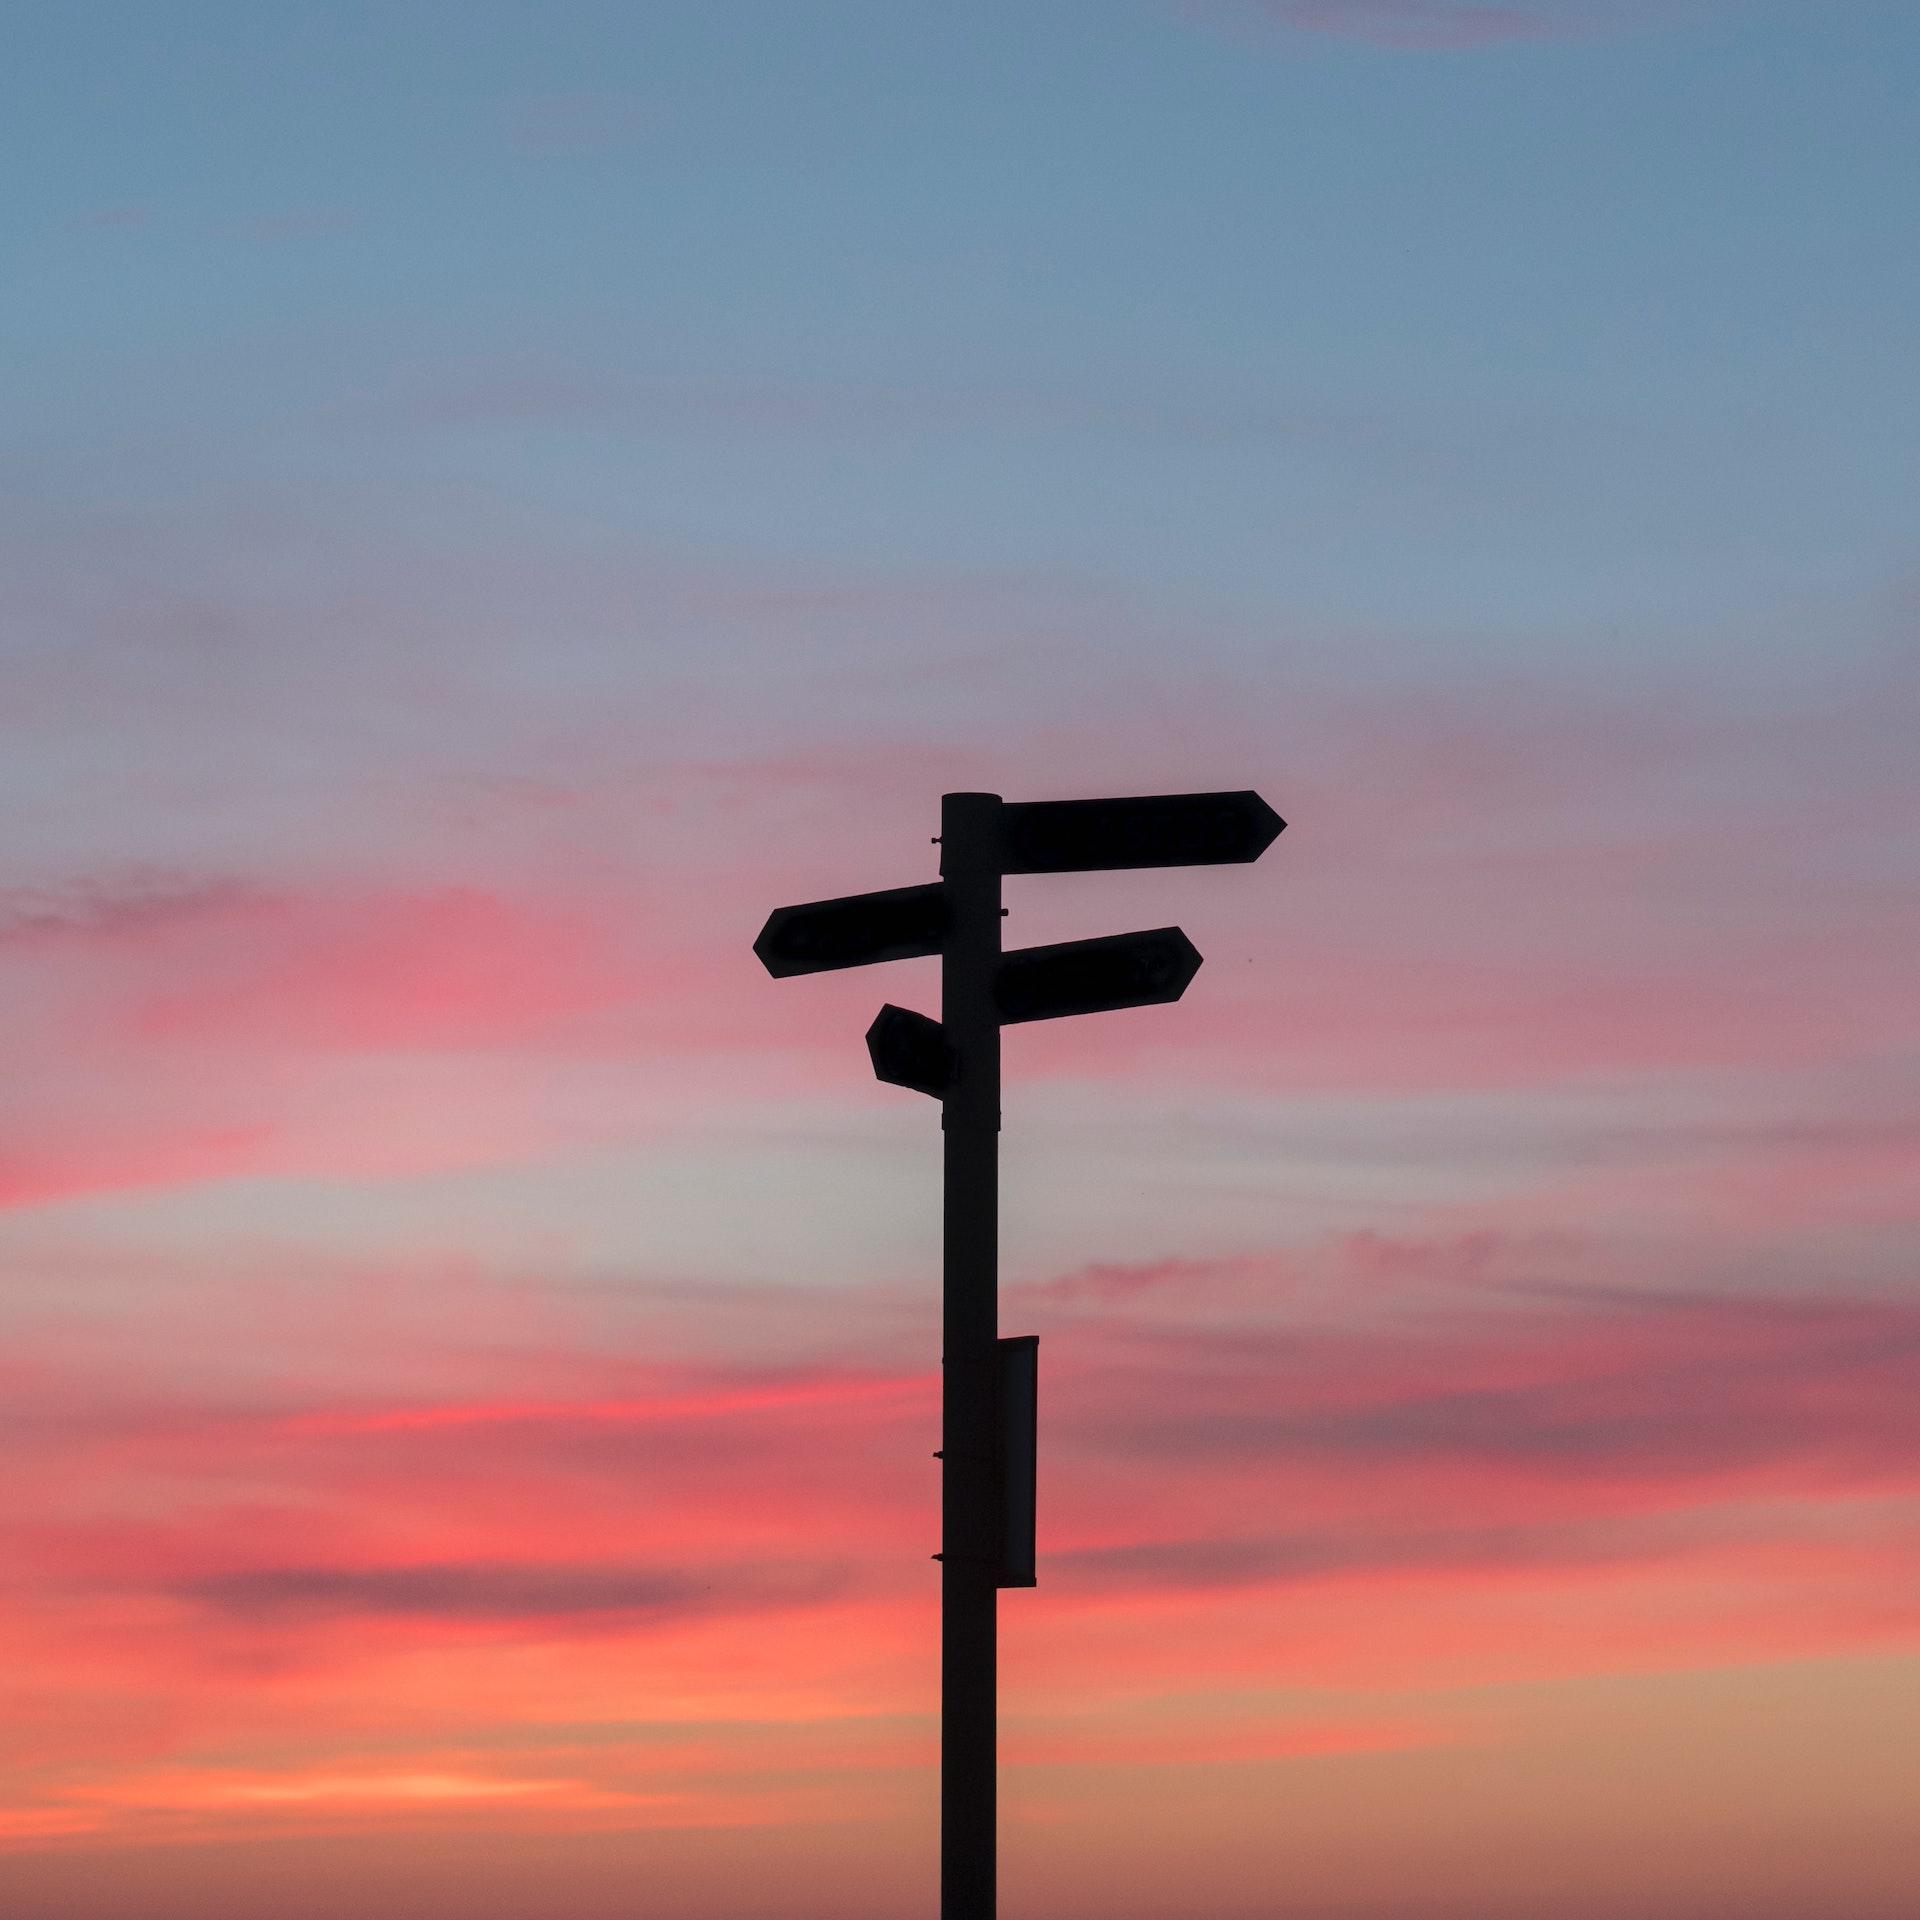 2 panneaux de direction avec soleil couchant